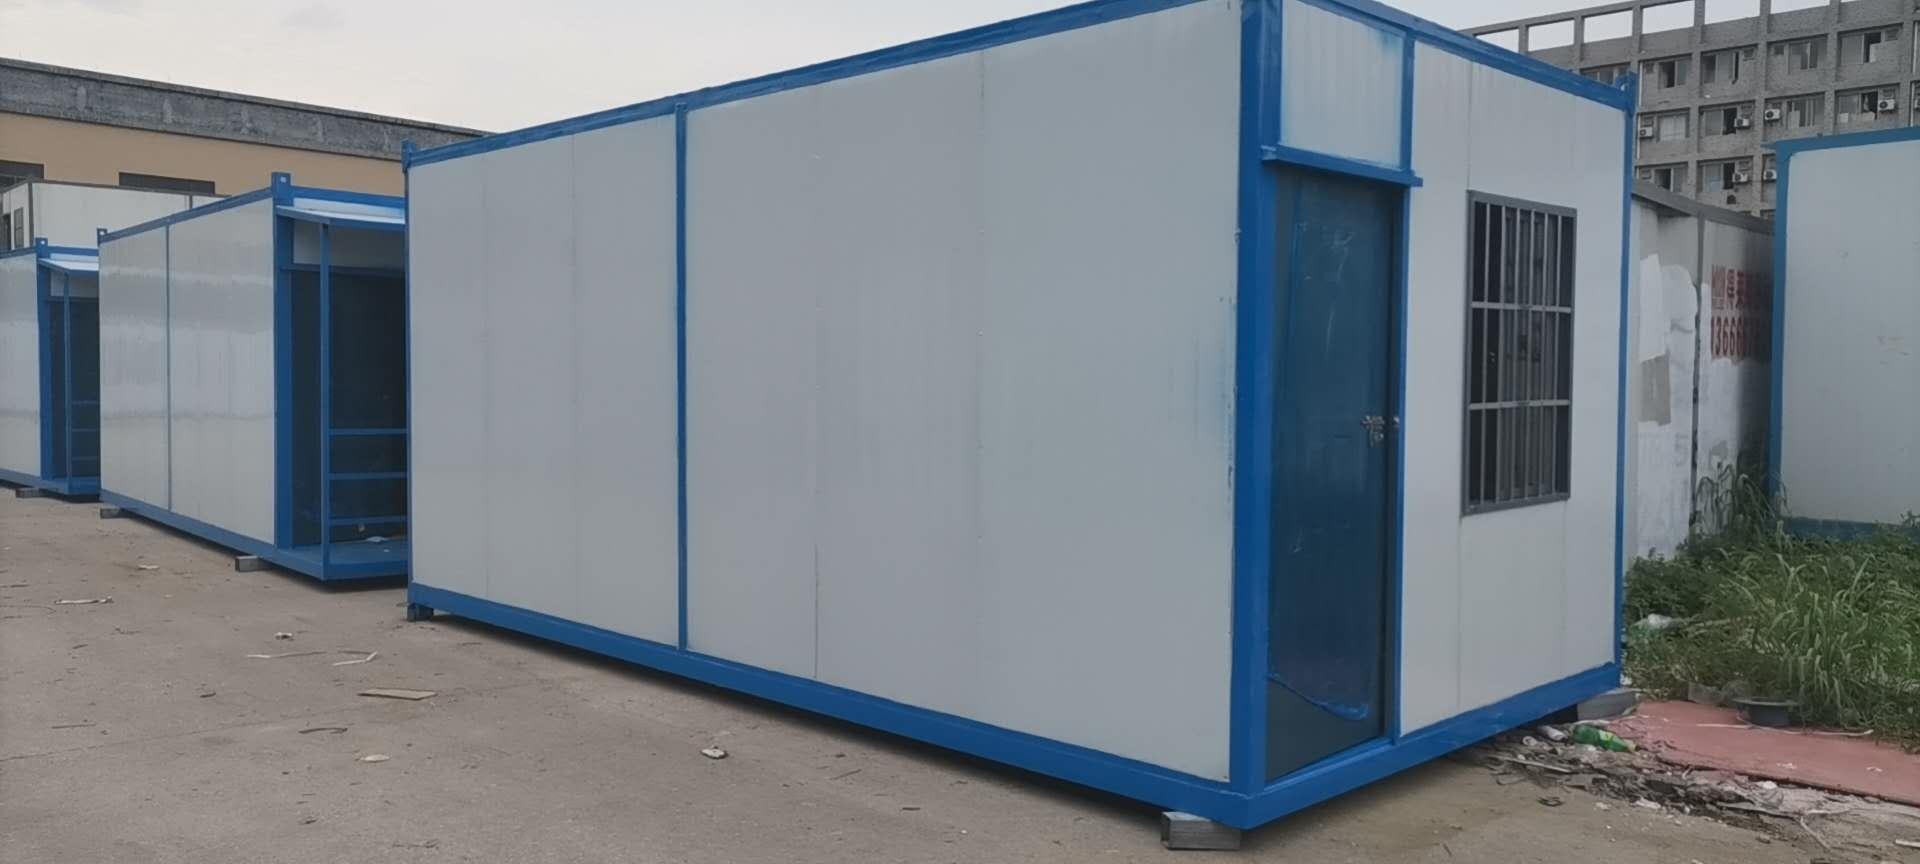 住人集装箱厂家直销,定做定制集装箱活动房,价格便宜